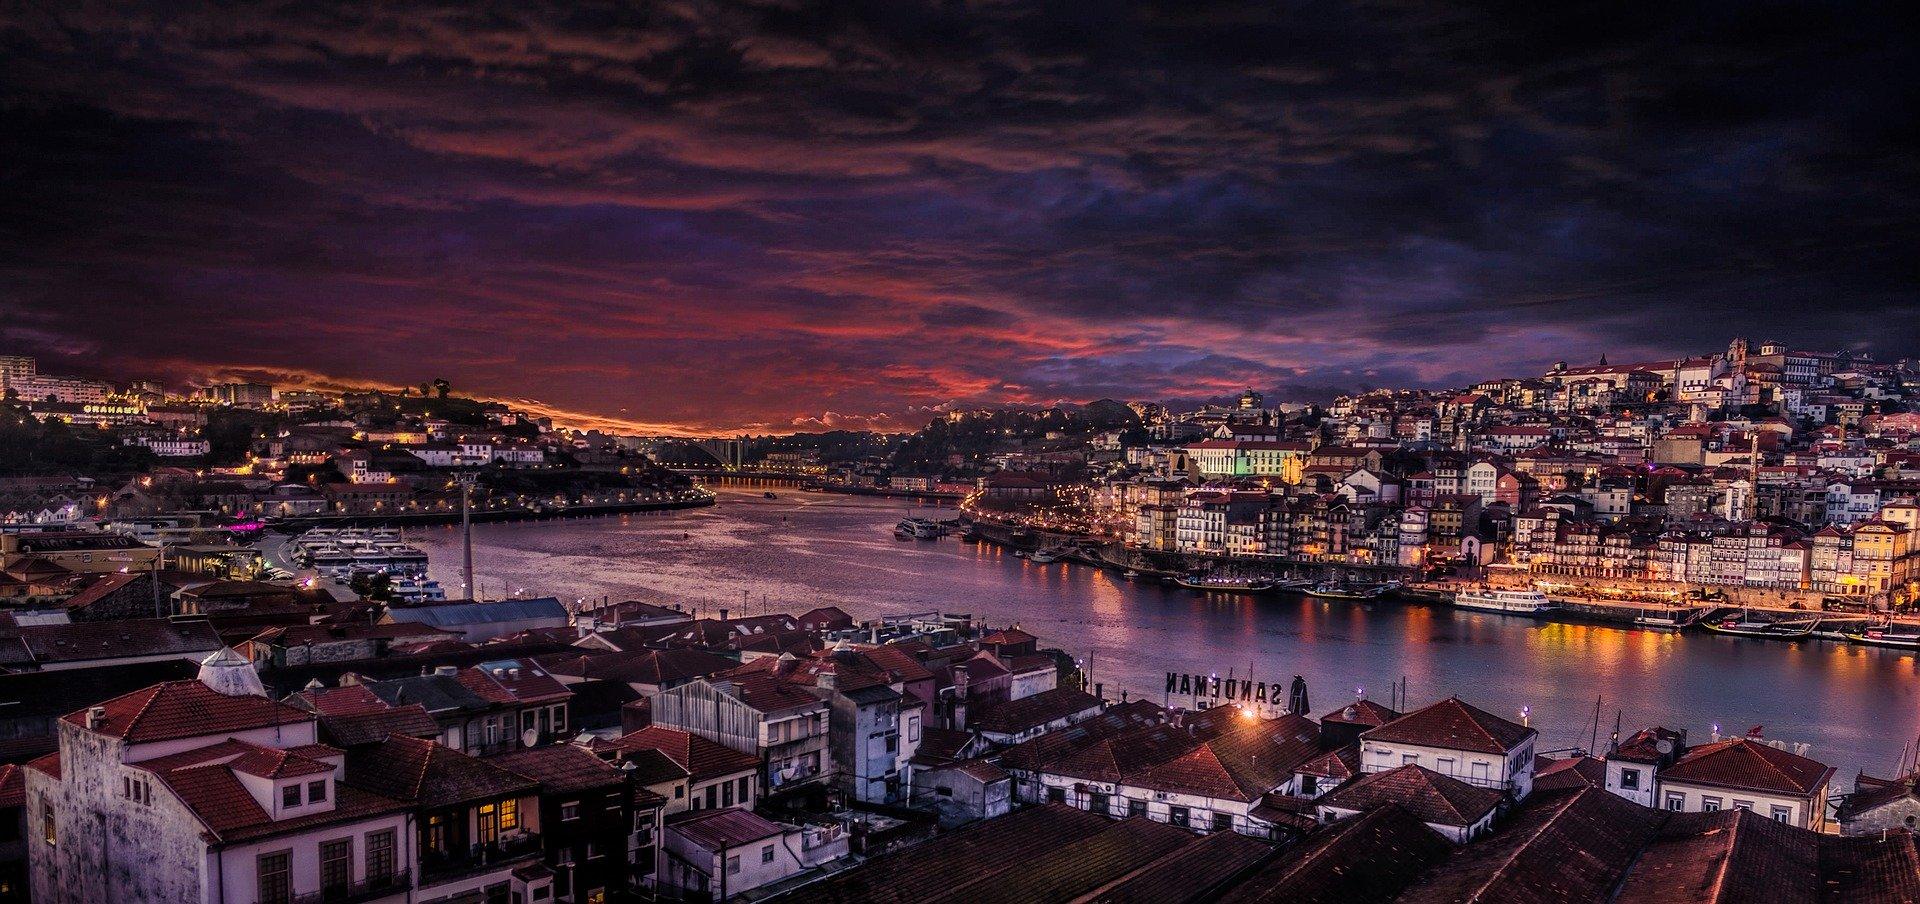 В Португалии открылись кафе, рестораны, музеи